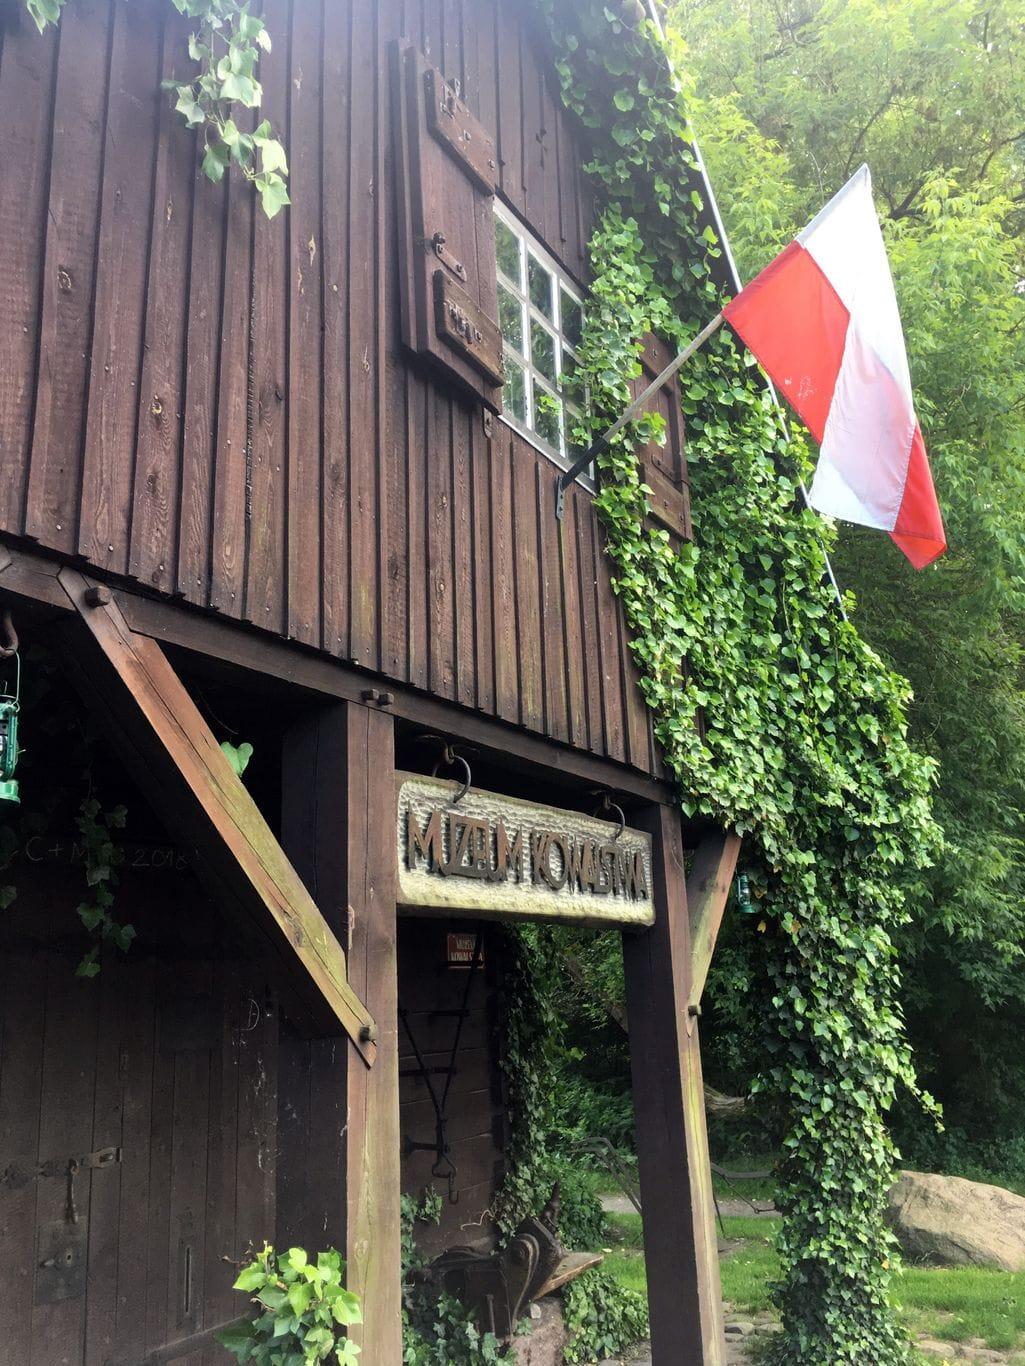 Muzeum kowalstwa w Warszawie - flaga Polski